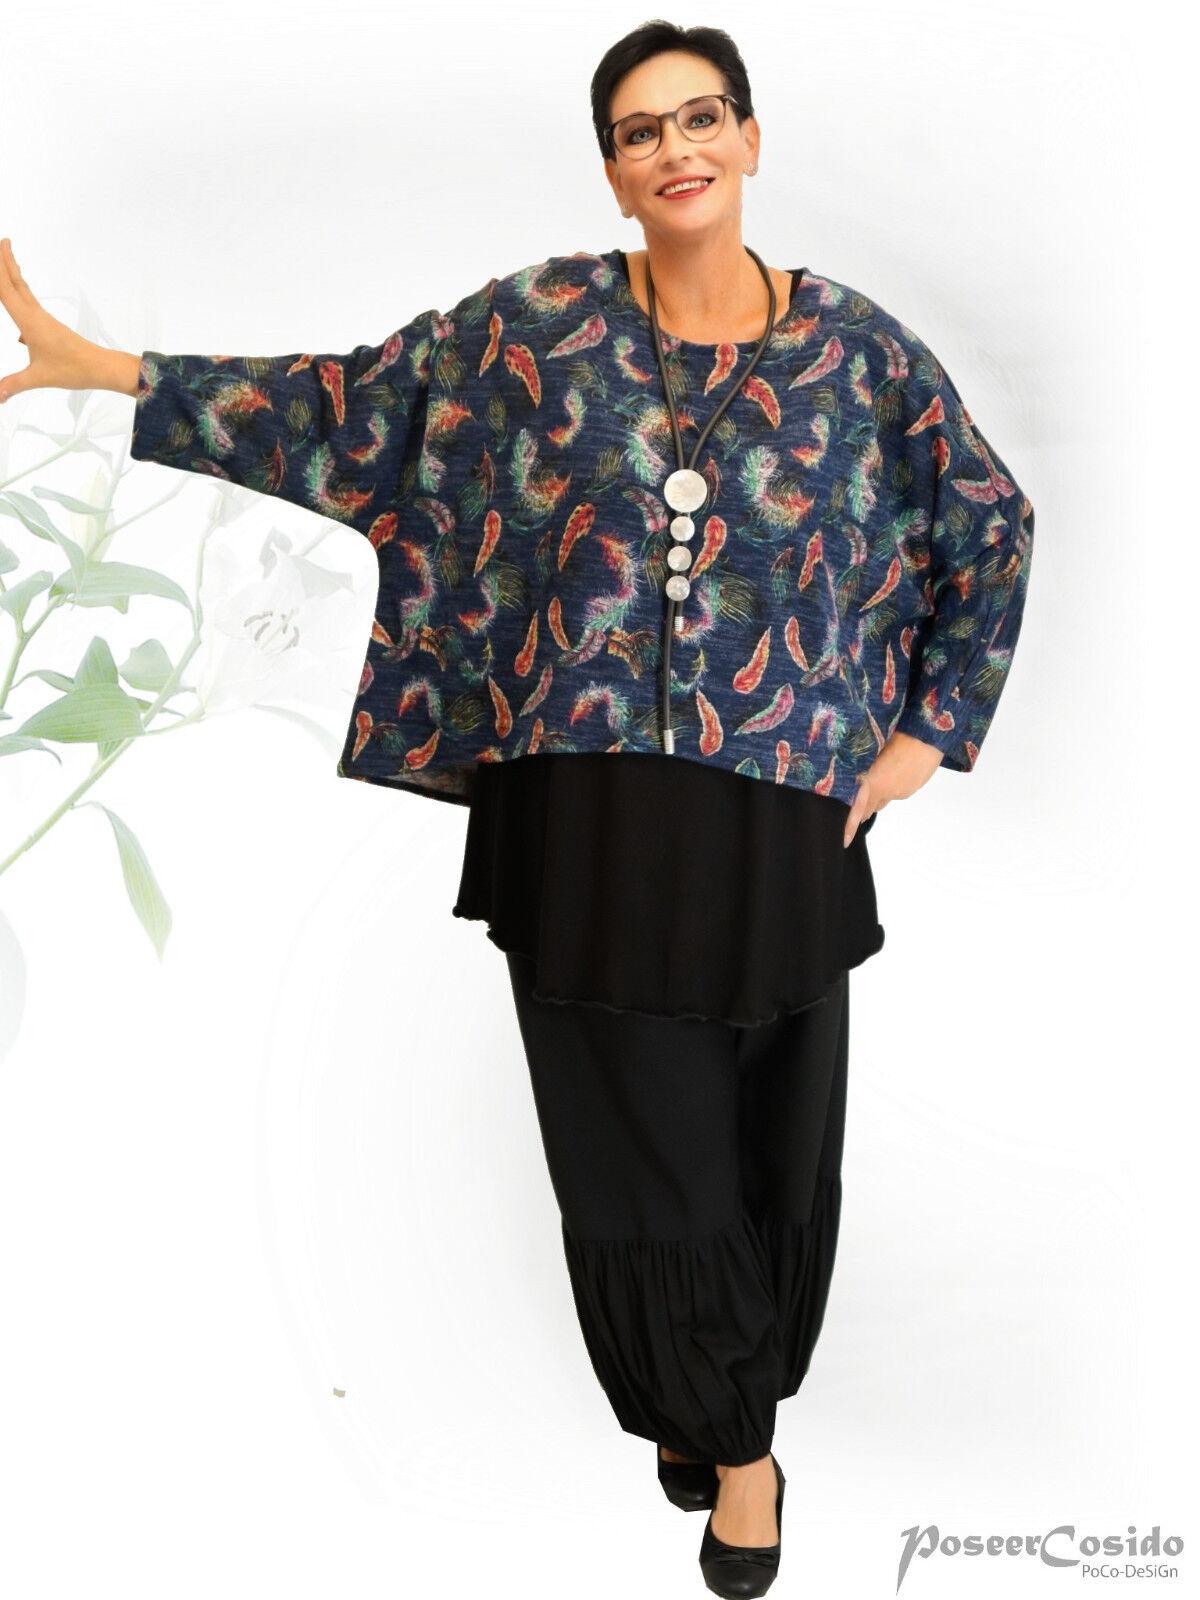 Poco design Lagenlook capelloni Pullover Pullover Pullover A Maglia Shirt tramite lancio ❷ FB L-XL-XXL-XXXL 4a9179